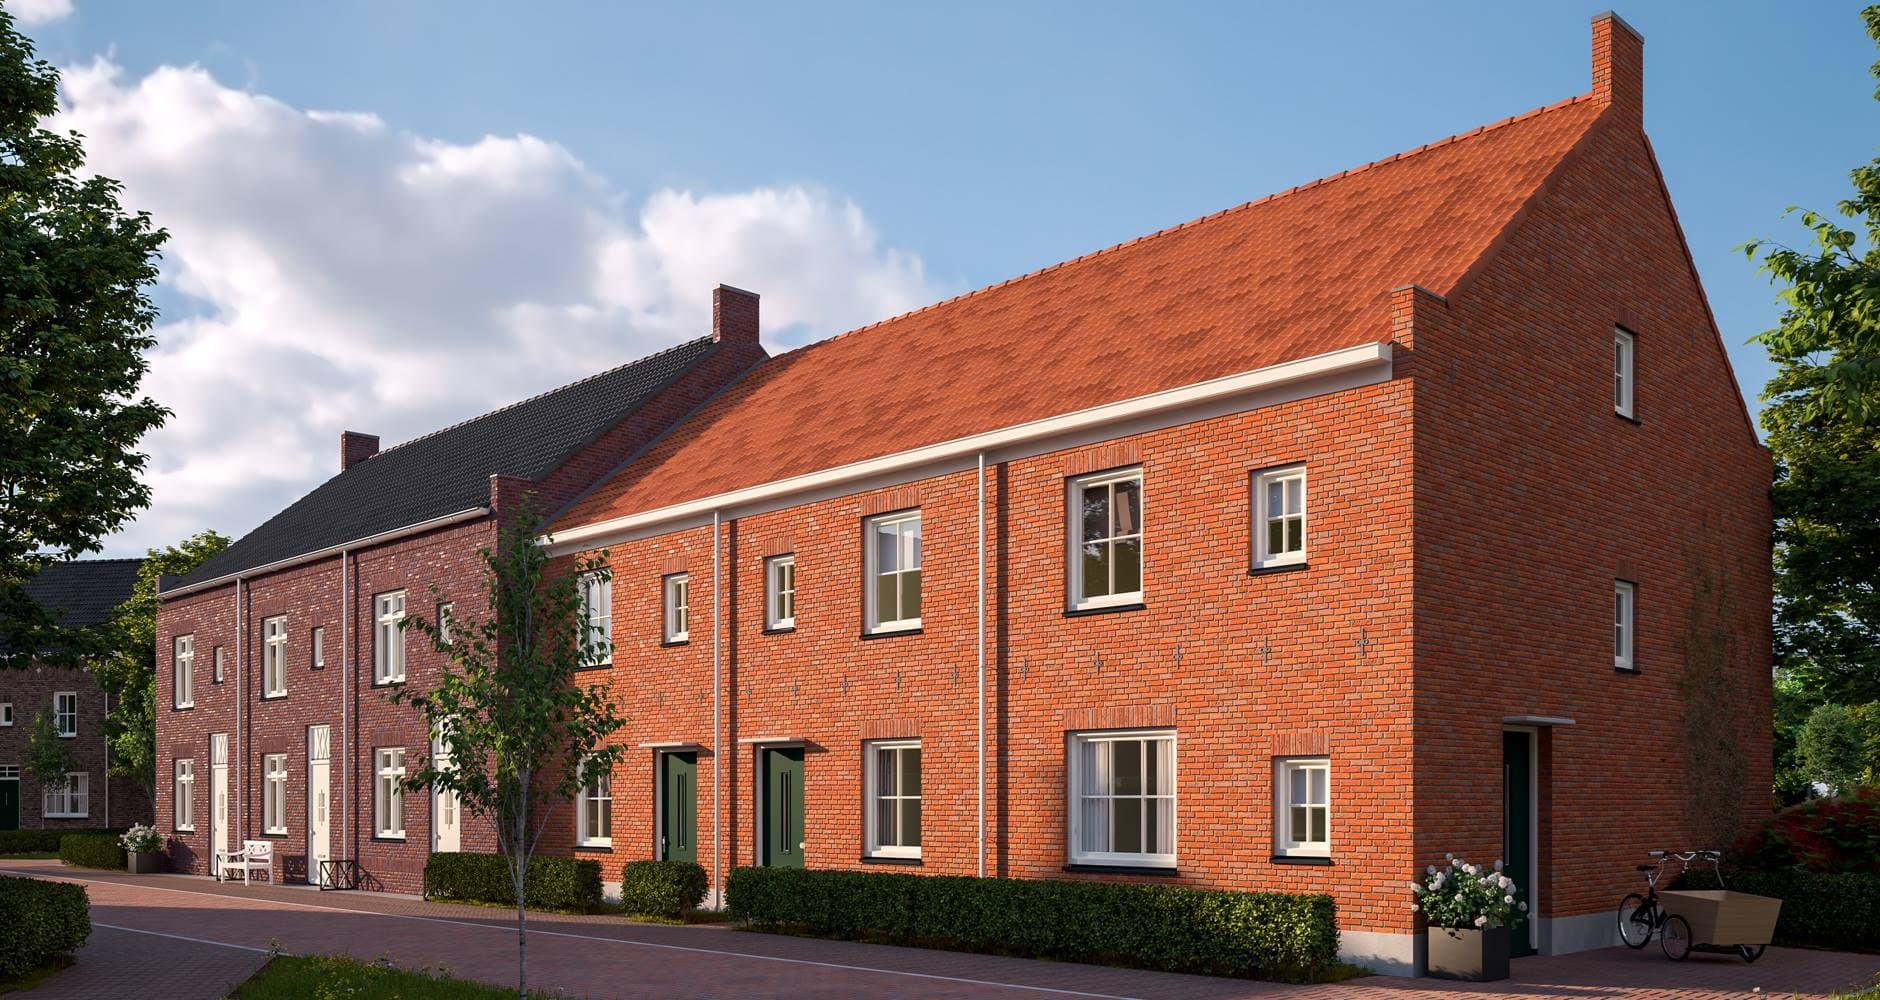 25 woningen Nuenen West G.H.M. Steemers Voegwerken